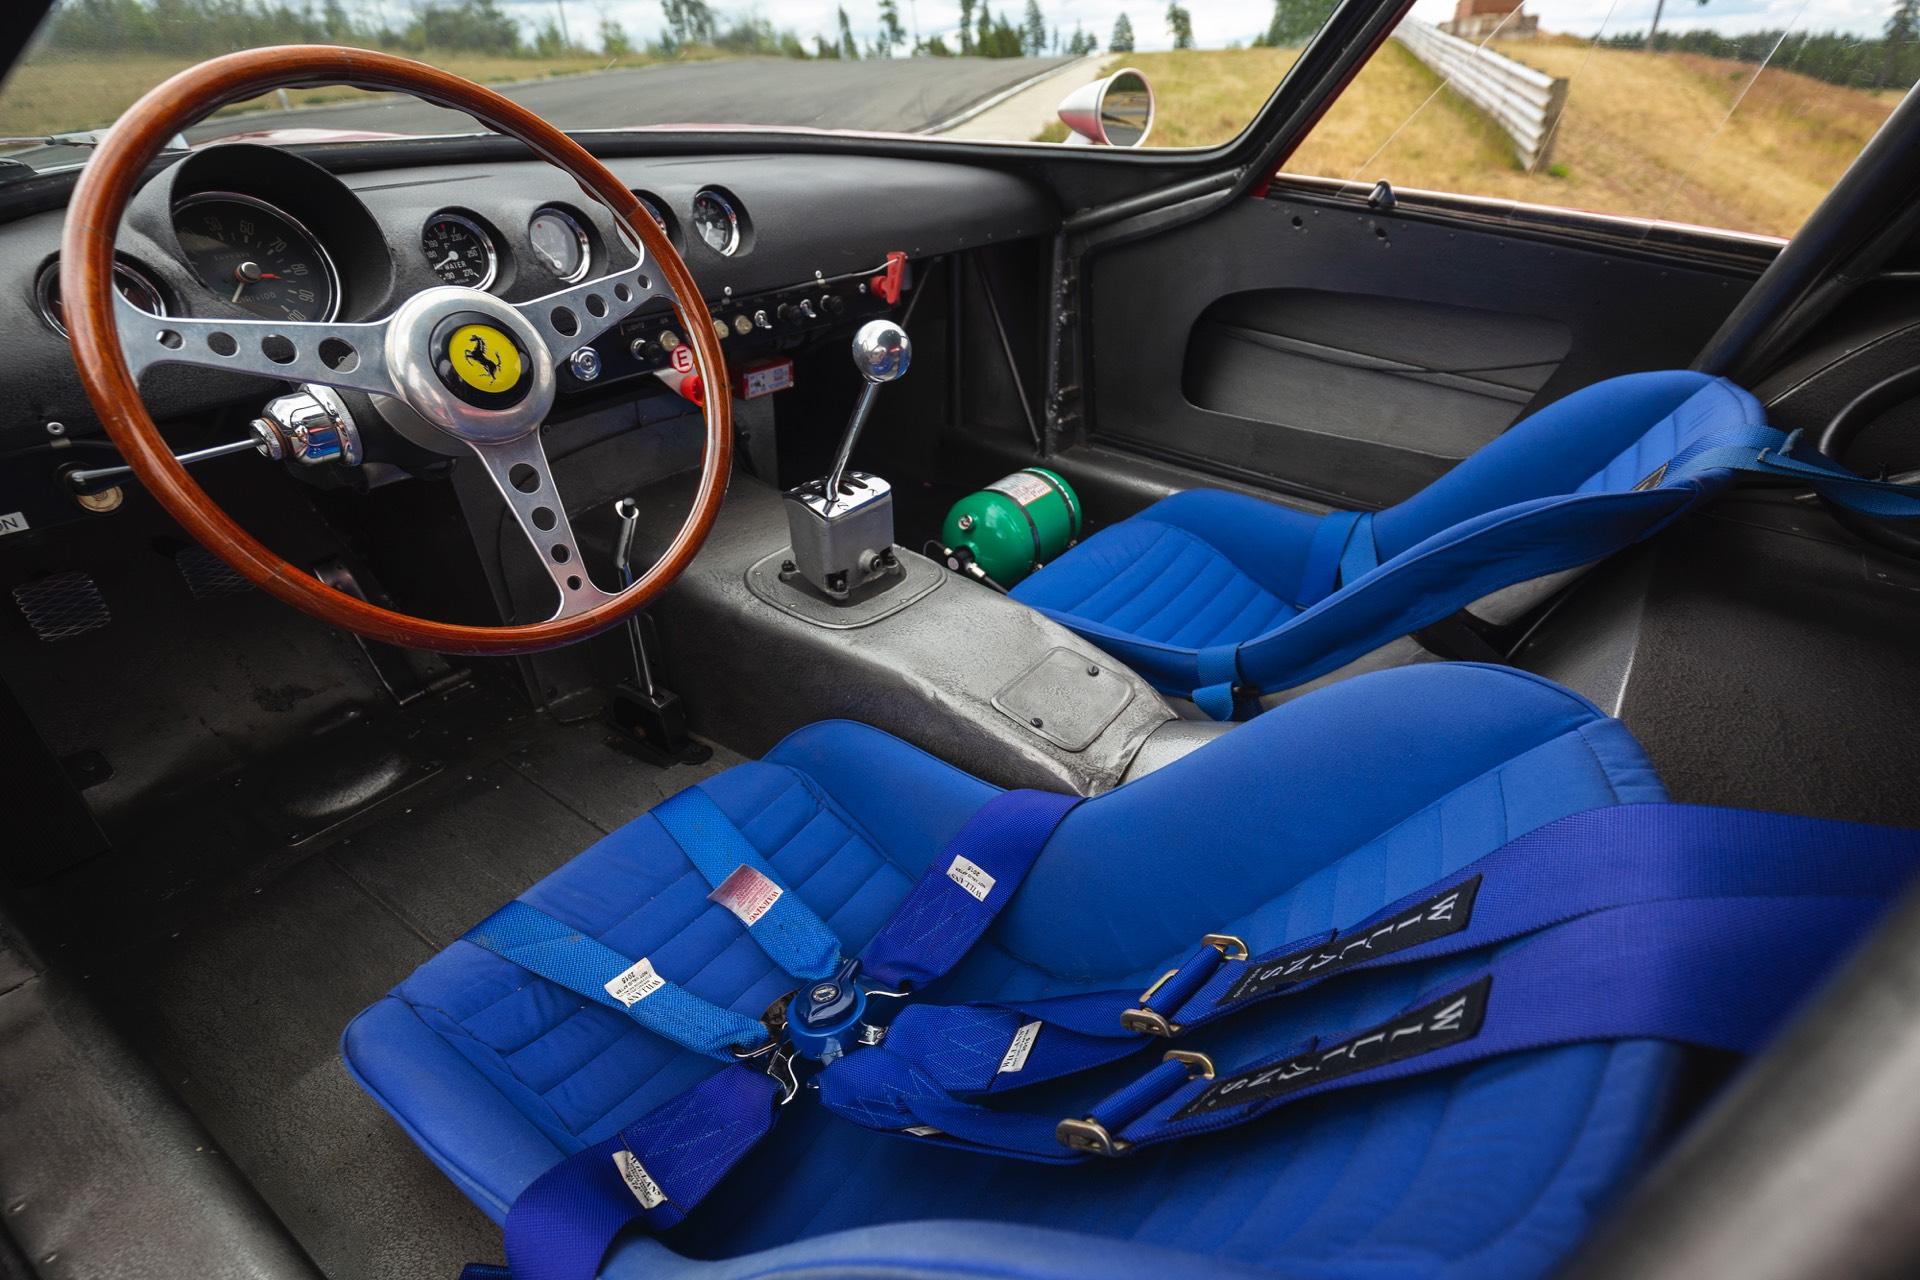 Ferrari 250 GTO RM Sothebys Interior